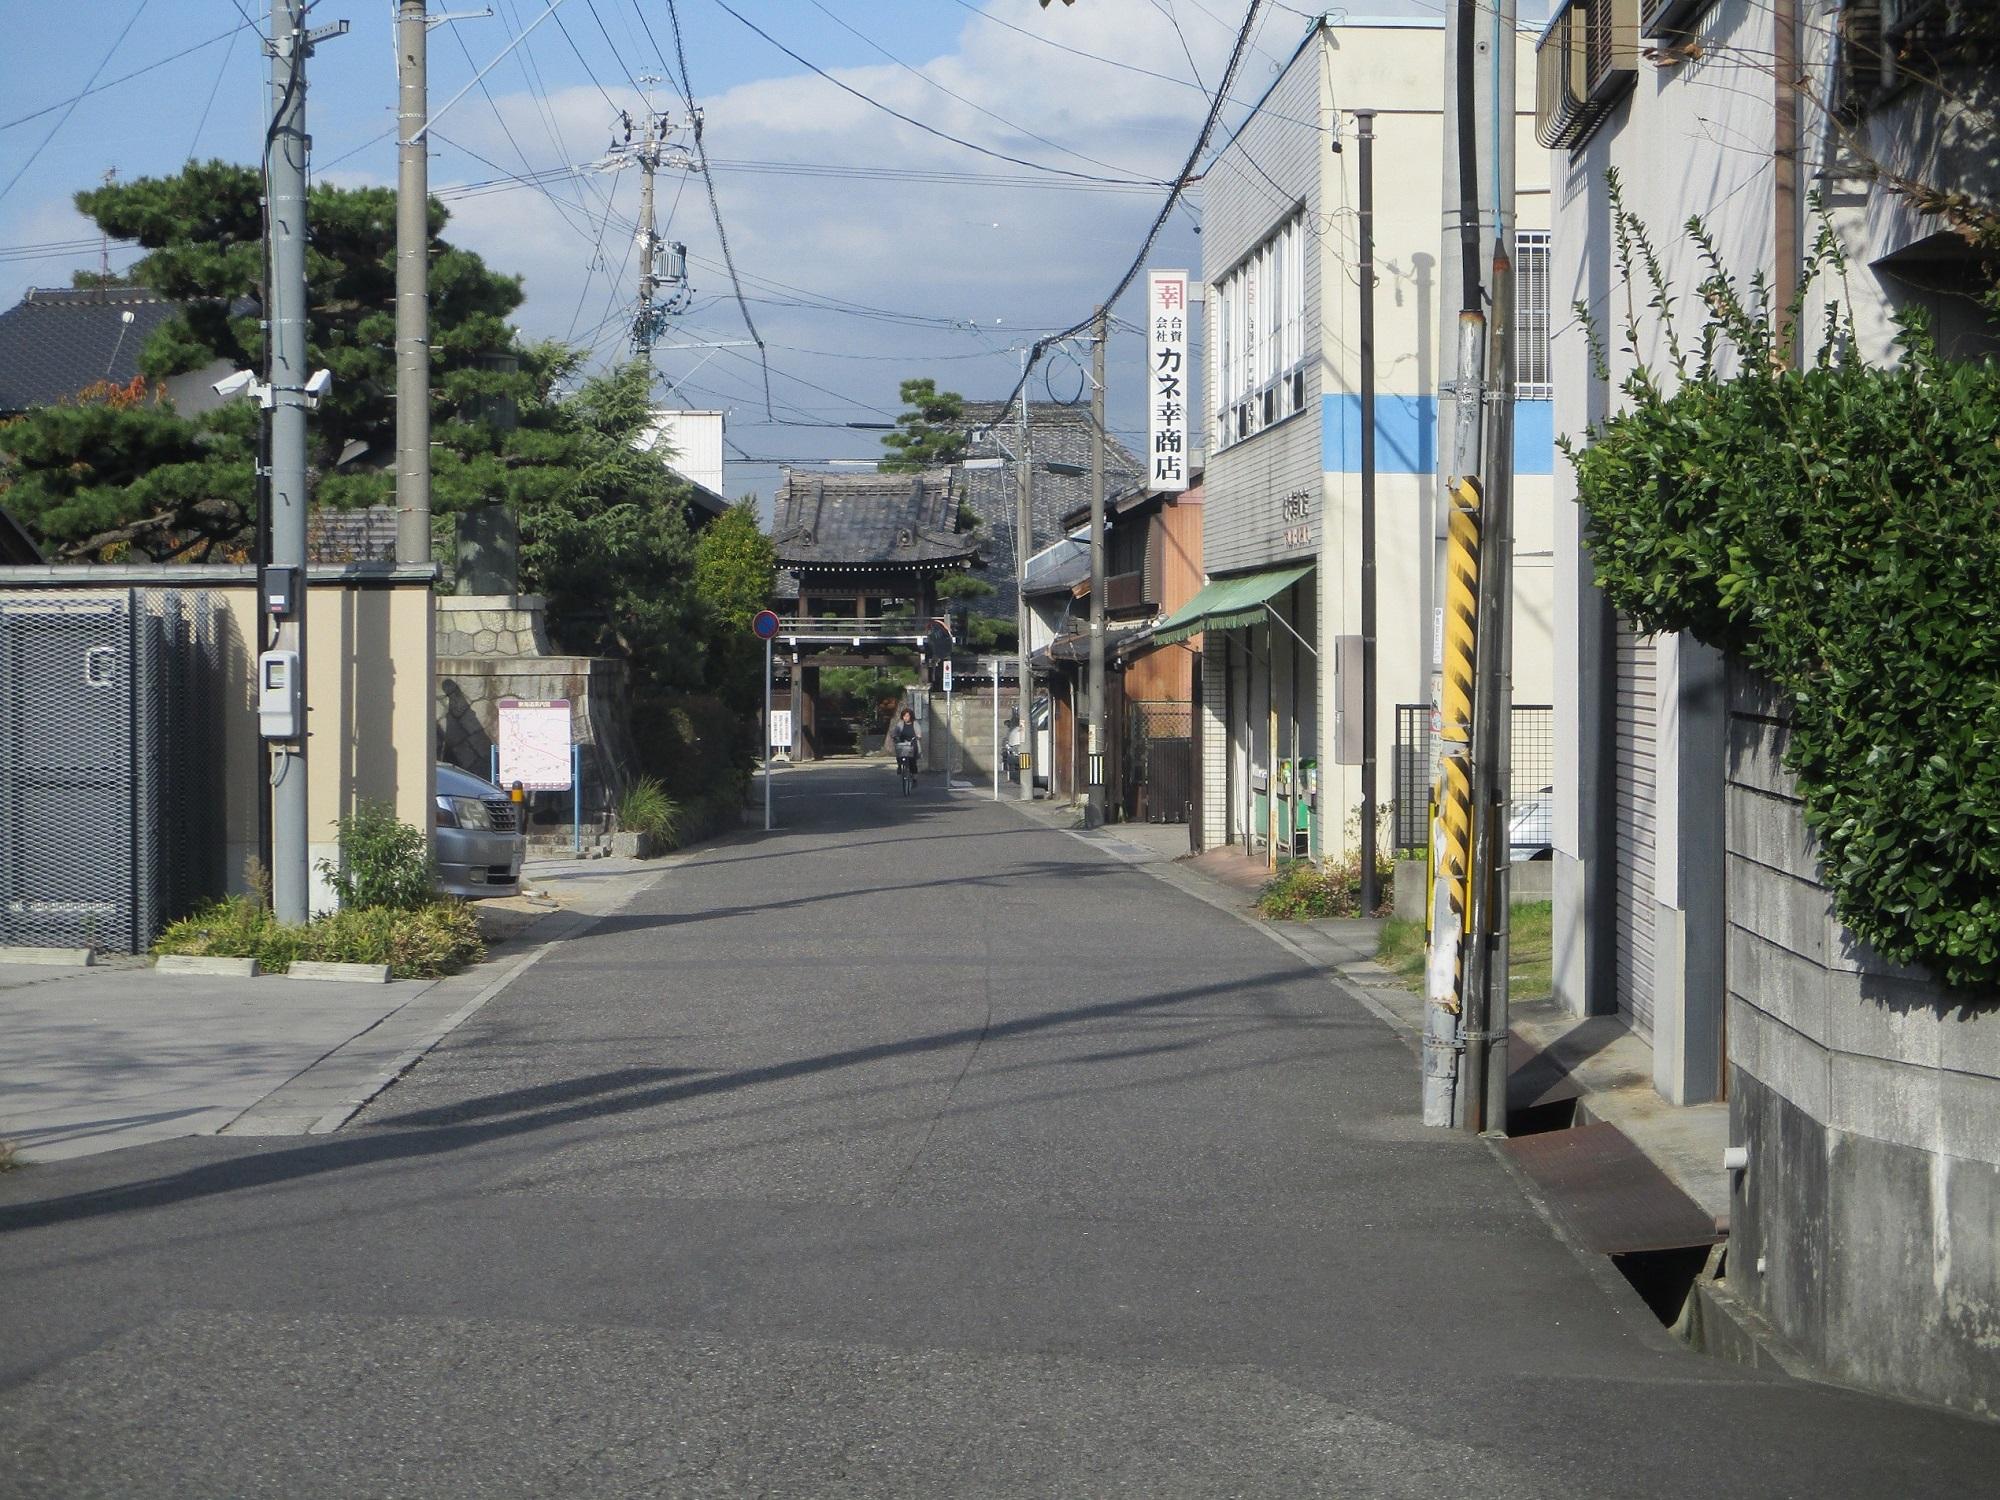 2019.11.13 (48) 東海道 - 池鯉鮒宿 2000-1500